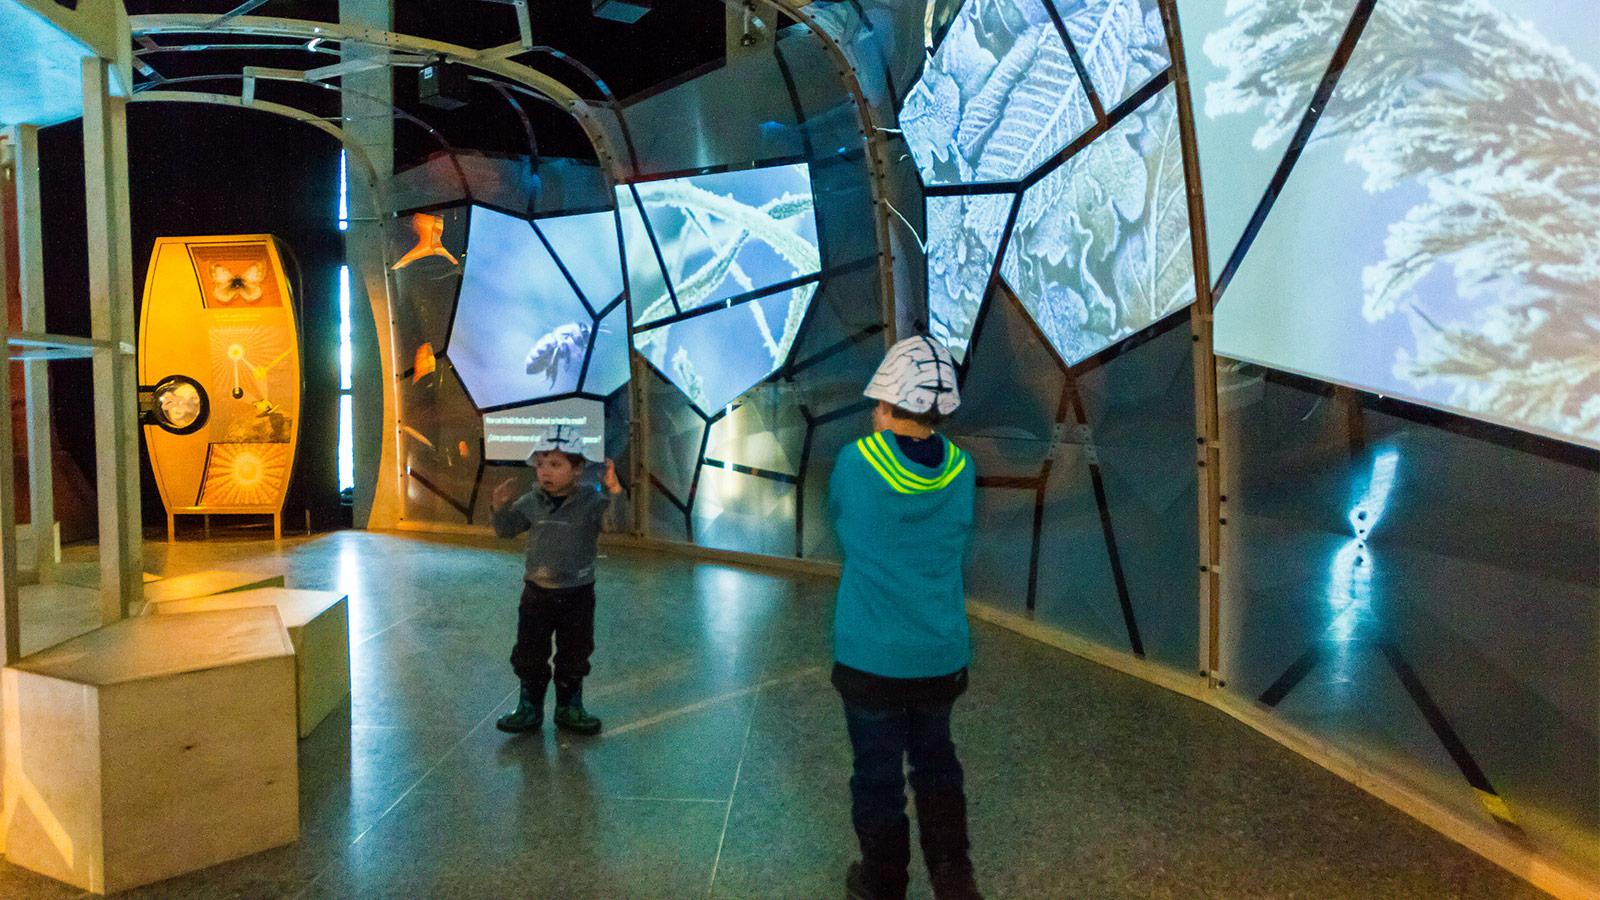 Ontario Science Centre Exhibits